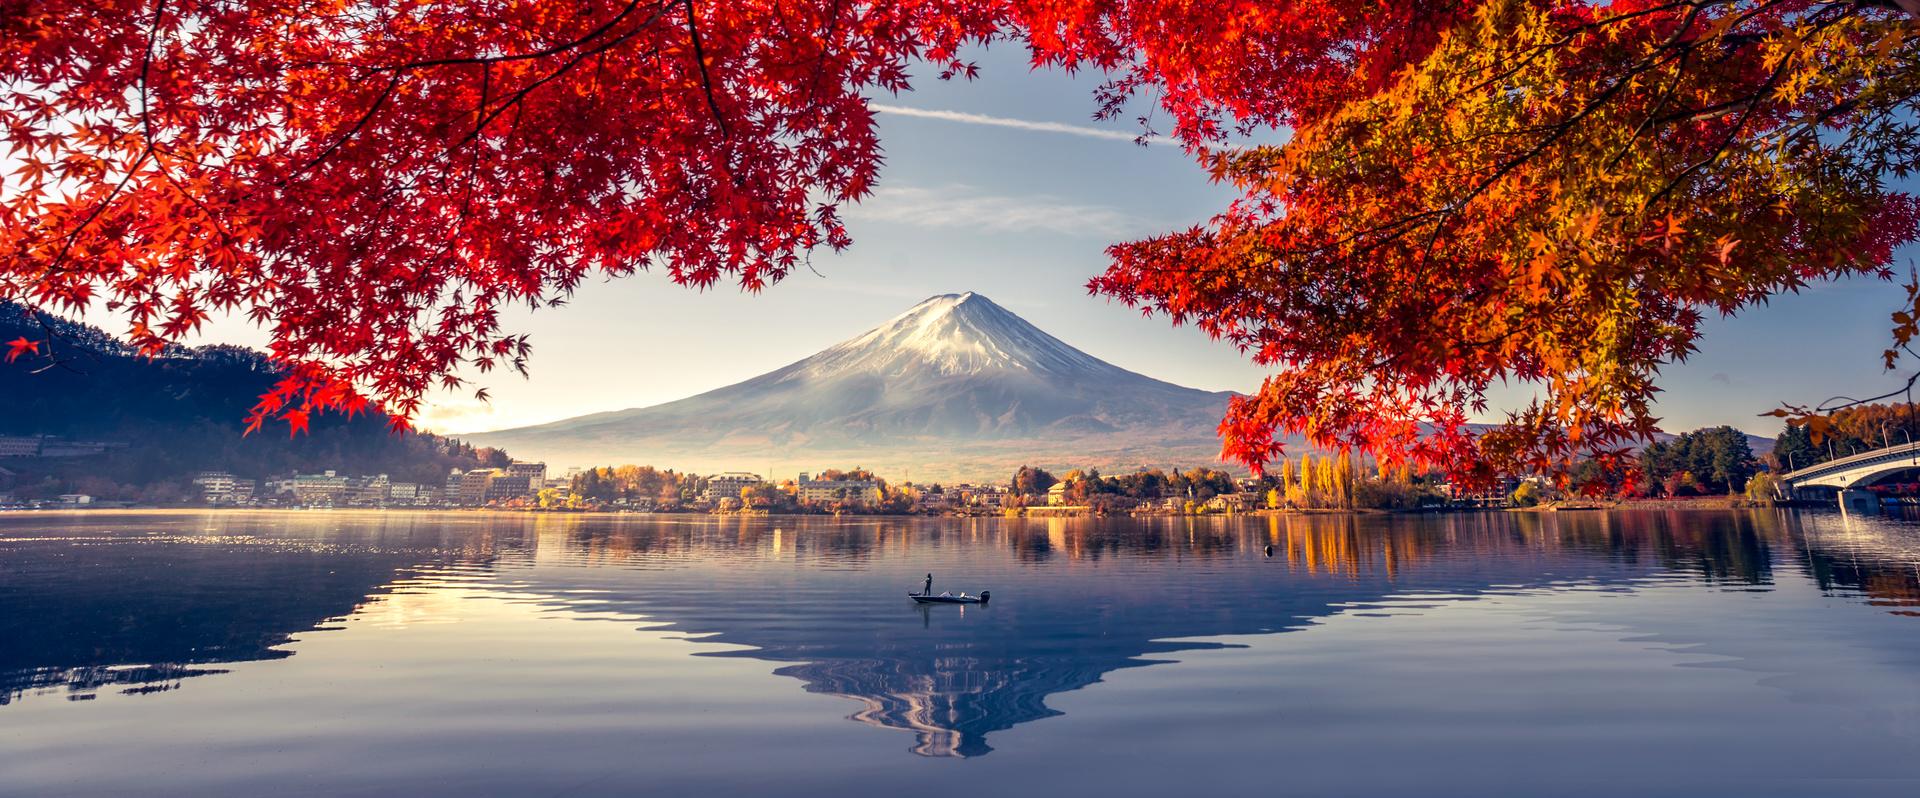 Wandbild mit Blick auf den Fuji-Vulkan, den See und die Bäume, Kontrast von warmen und kalten Farben